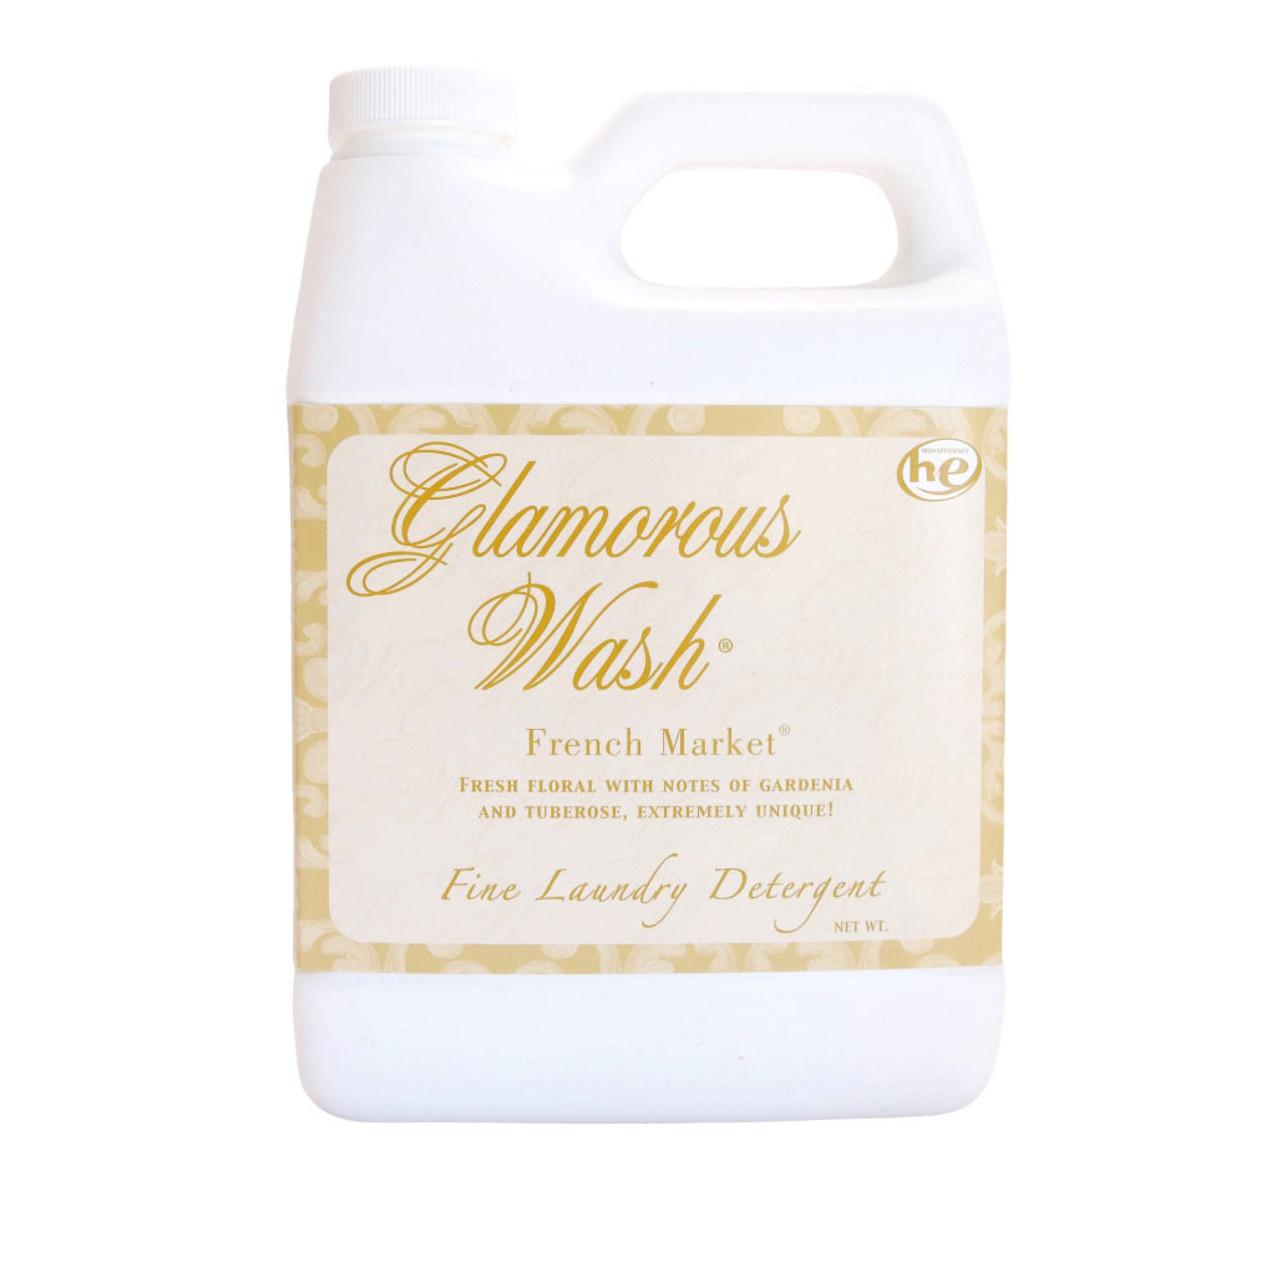 Tyler Candle French Market Glamorous Wash 4 oz